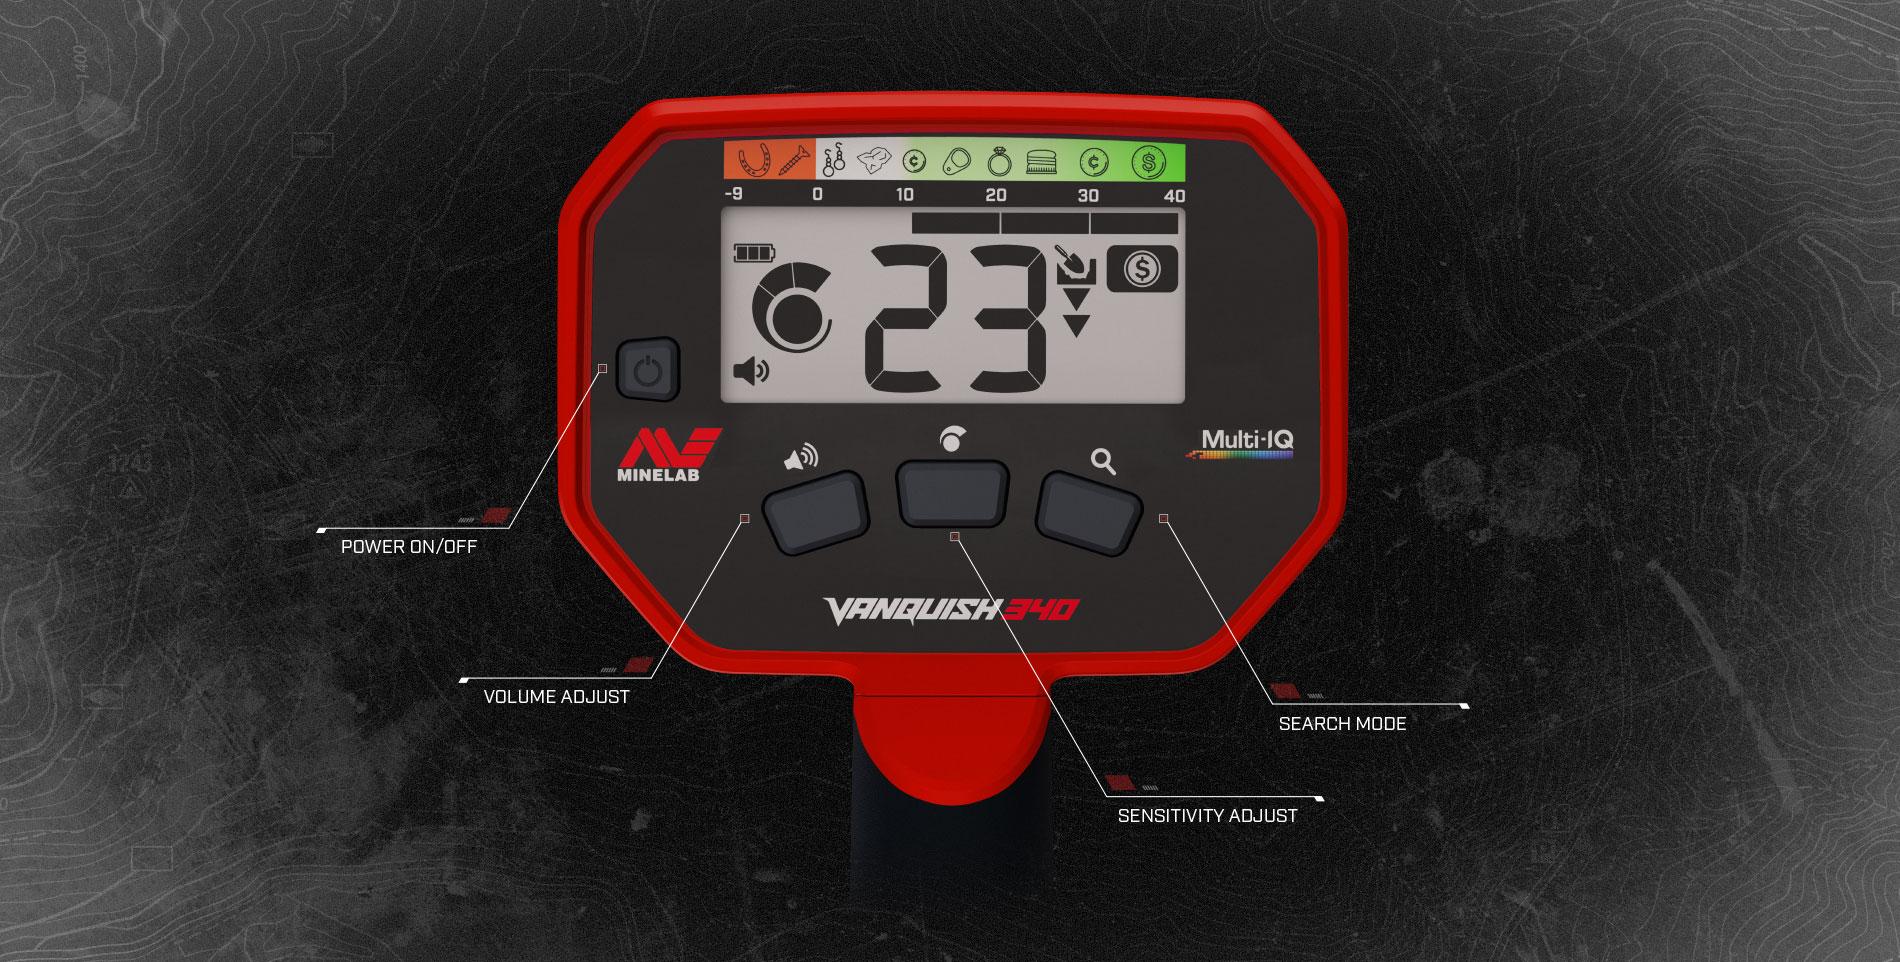 Detector de monedas Minelab Vanquish 340